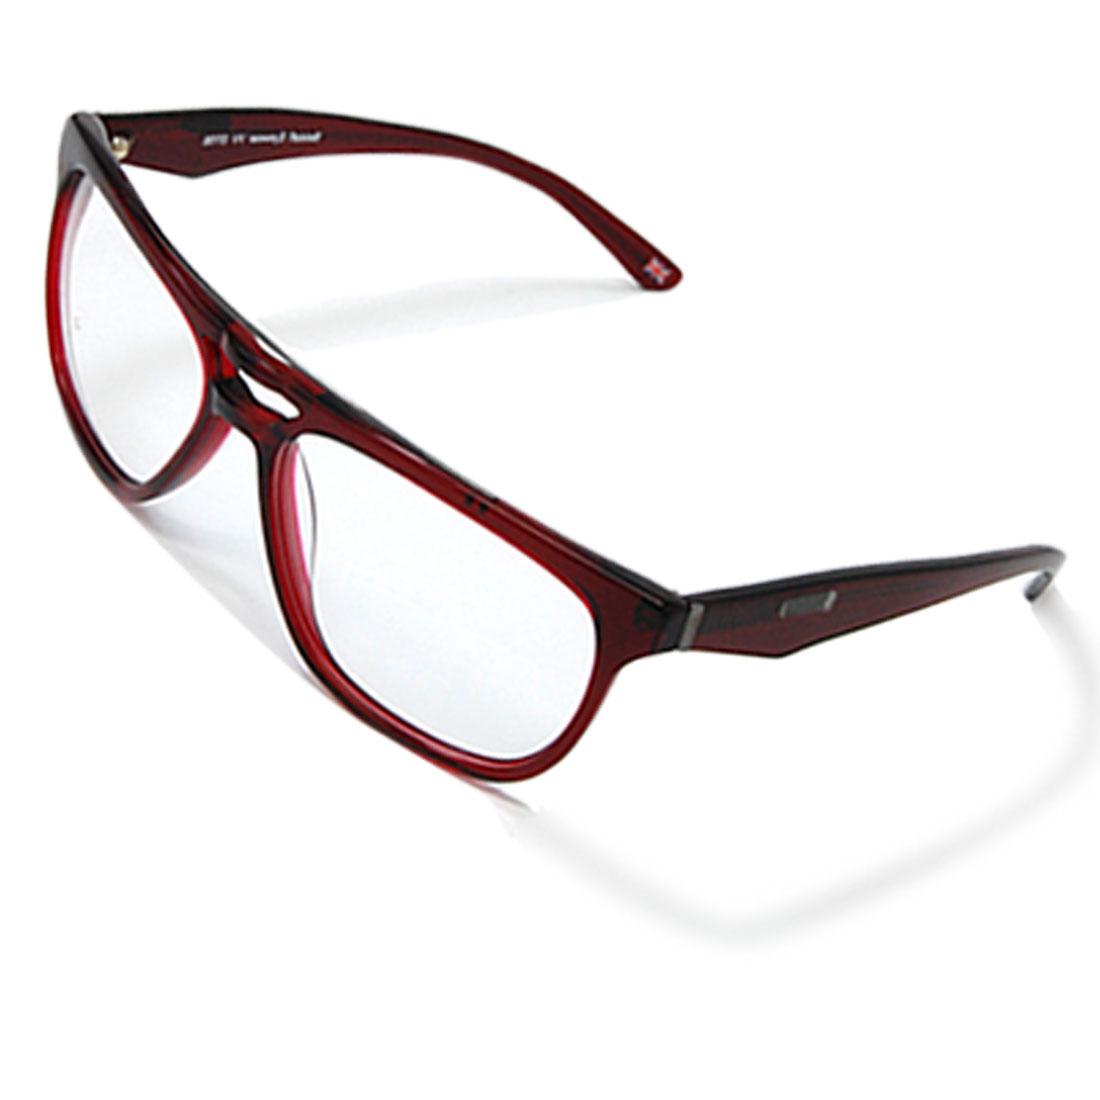 Acetate Ladies Full-Rim Optical Eyeglasses Eyewear Frame